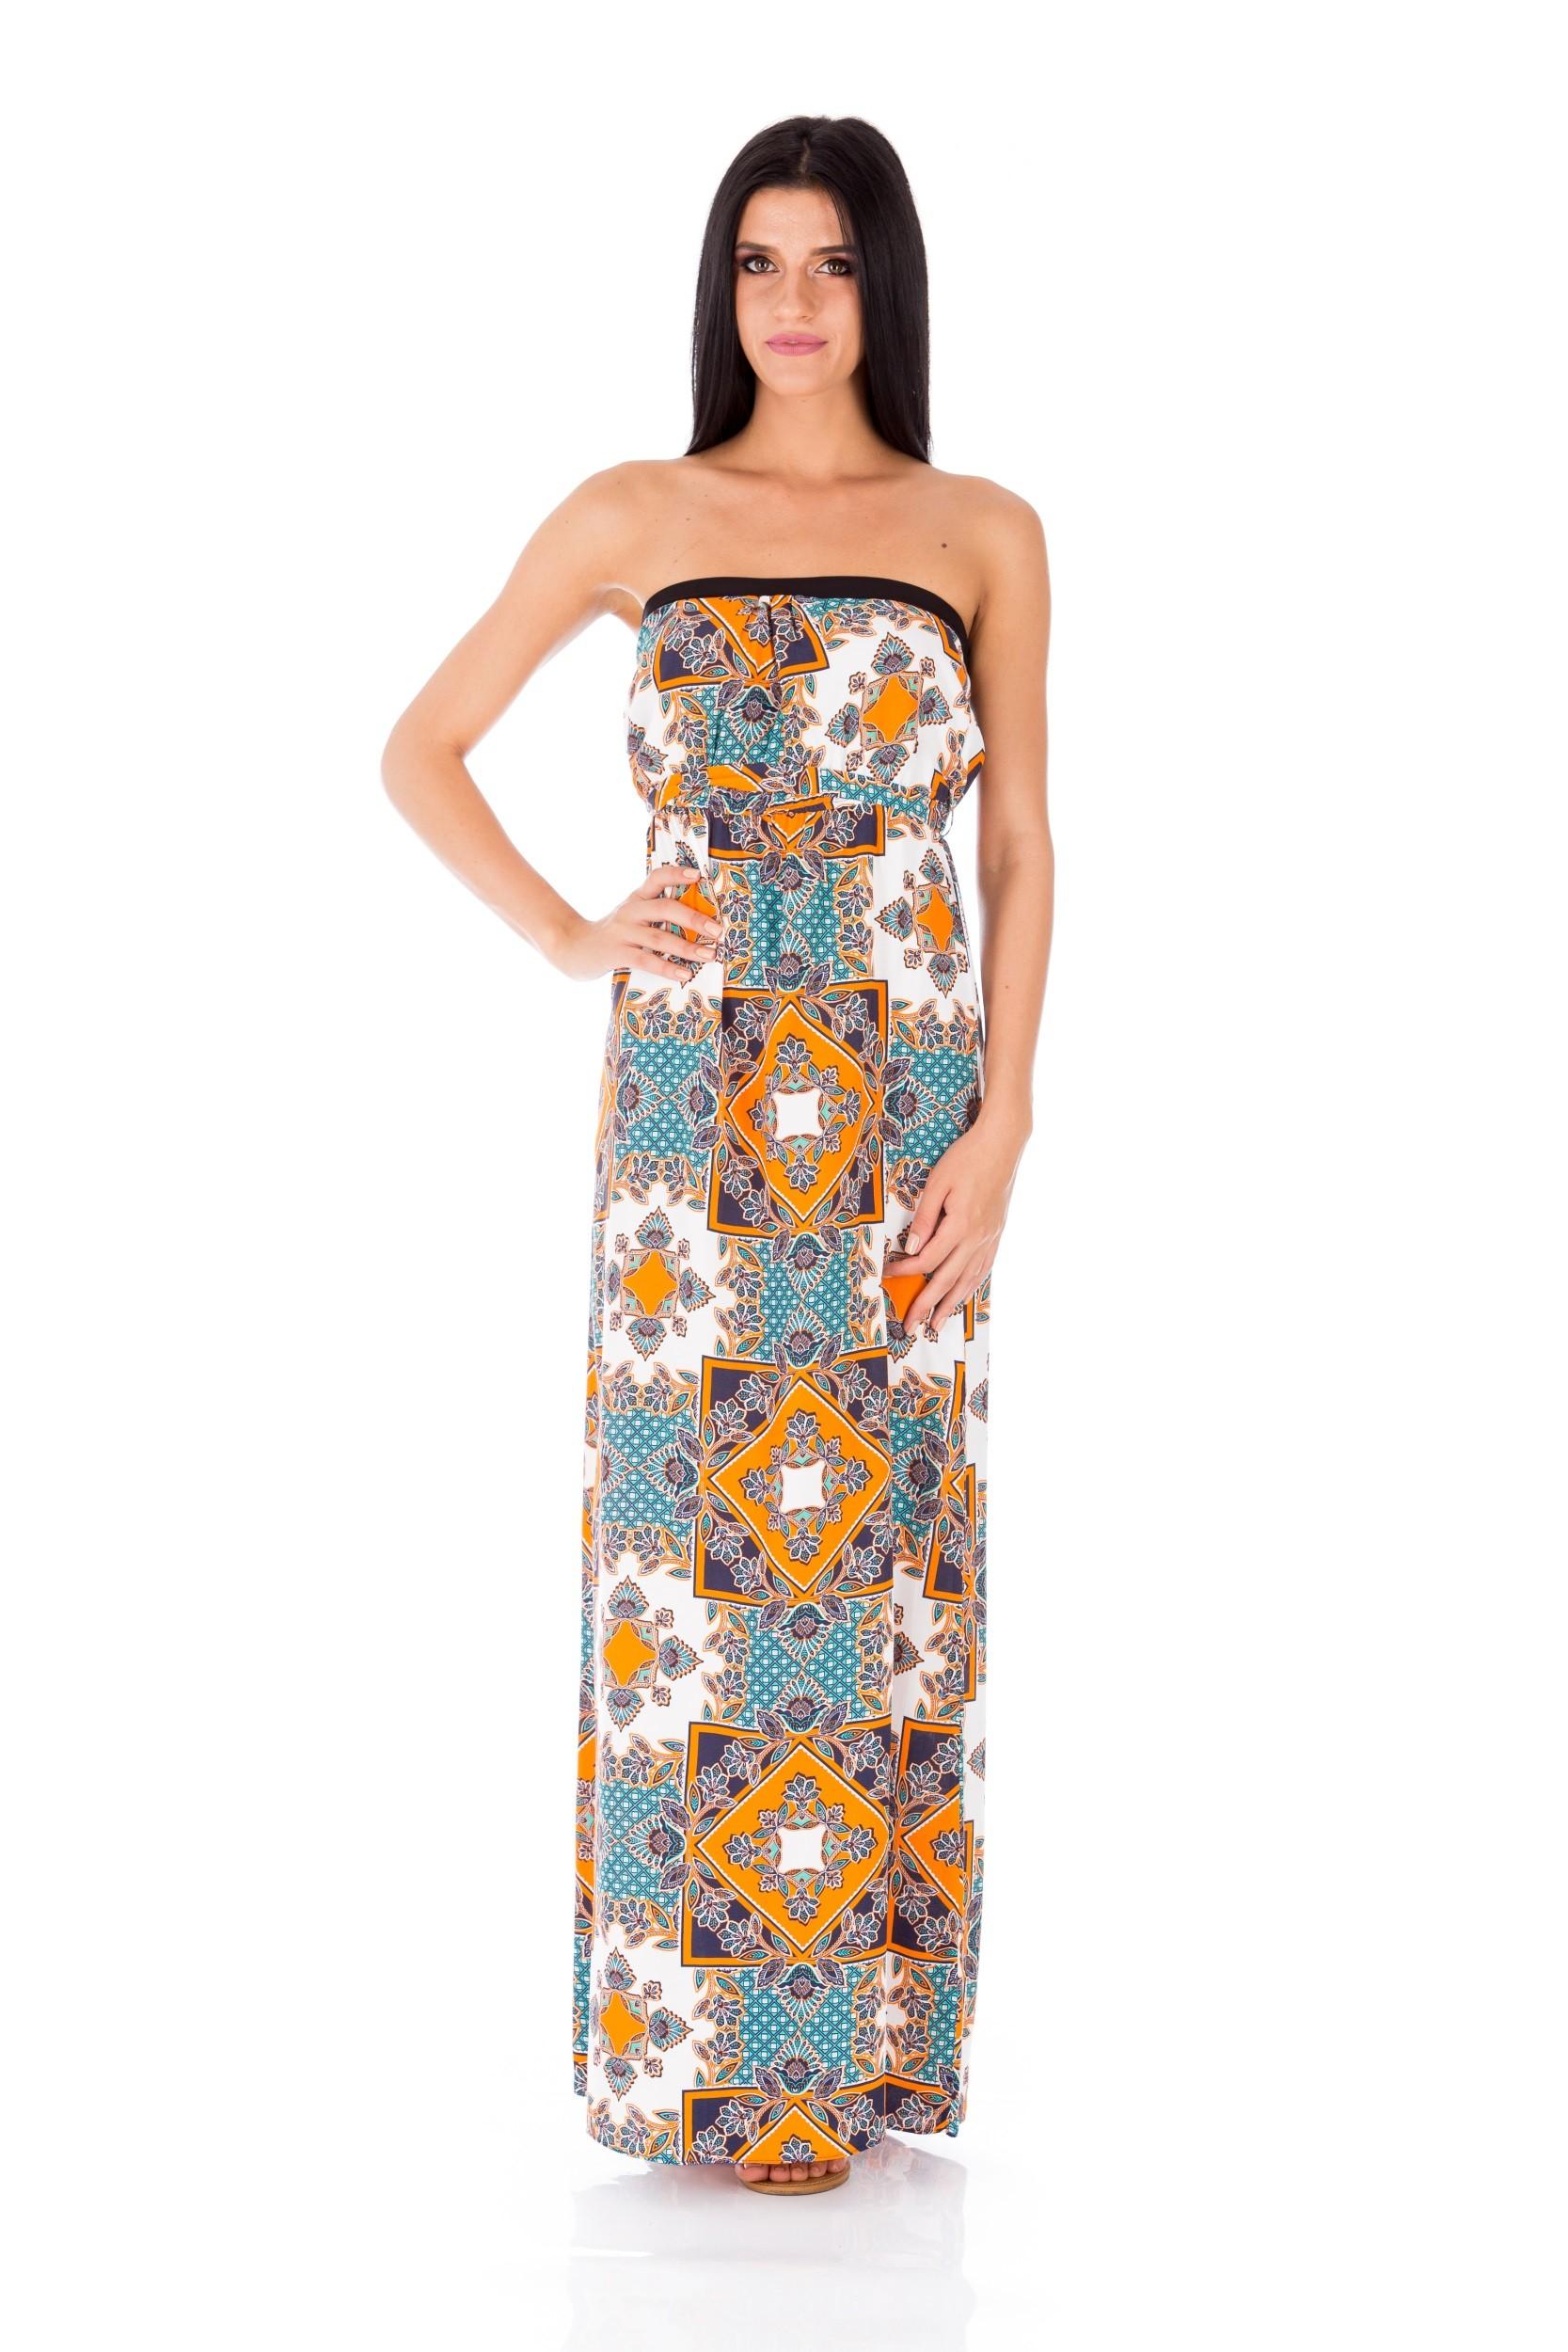 Rochie multicoloră de bumbac (lungă)